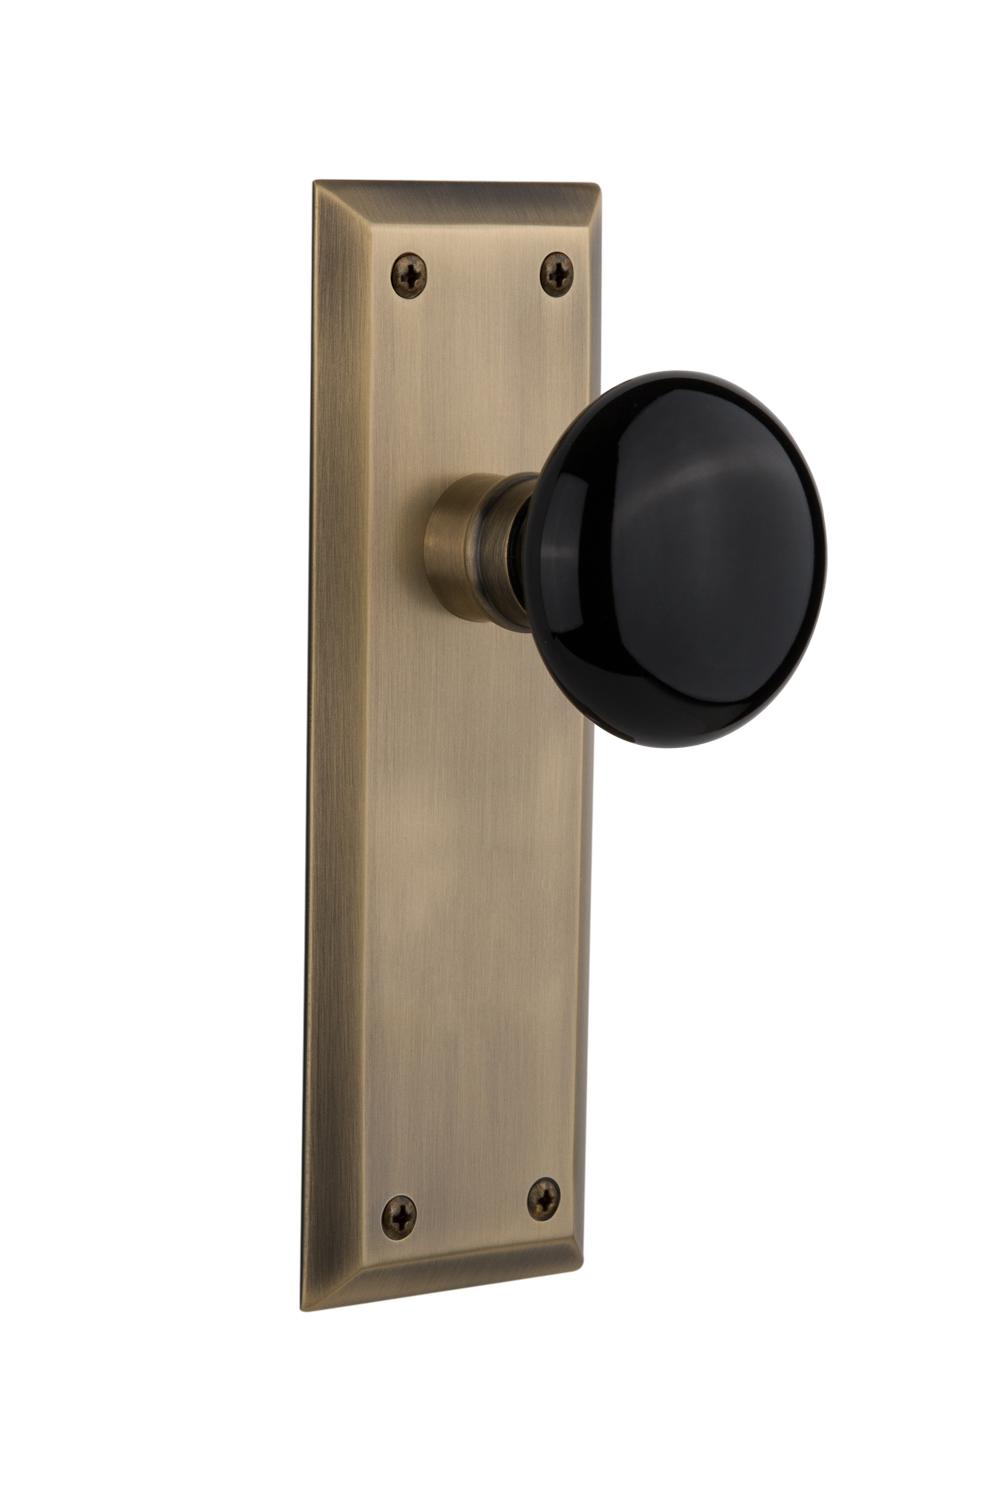 new door knob photo - 20